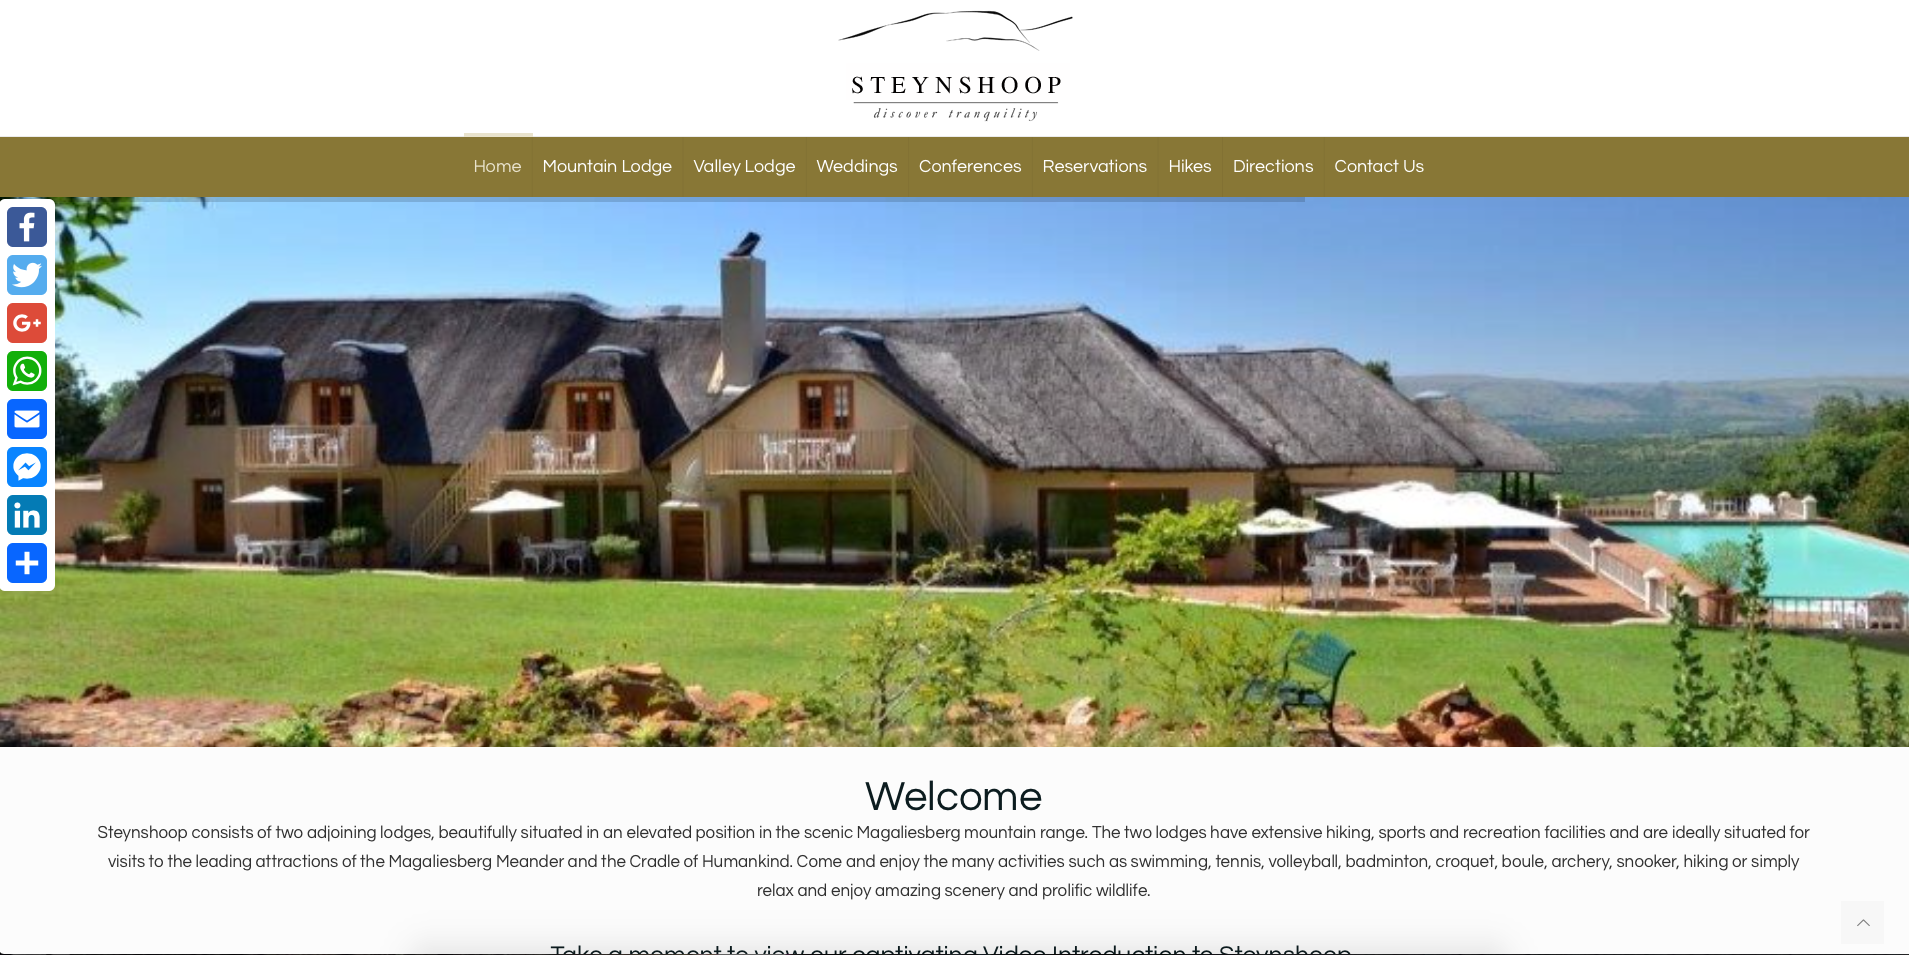 Steynshoop Website, Websites in Johannesburg